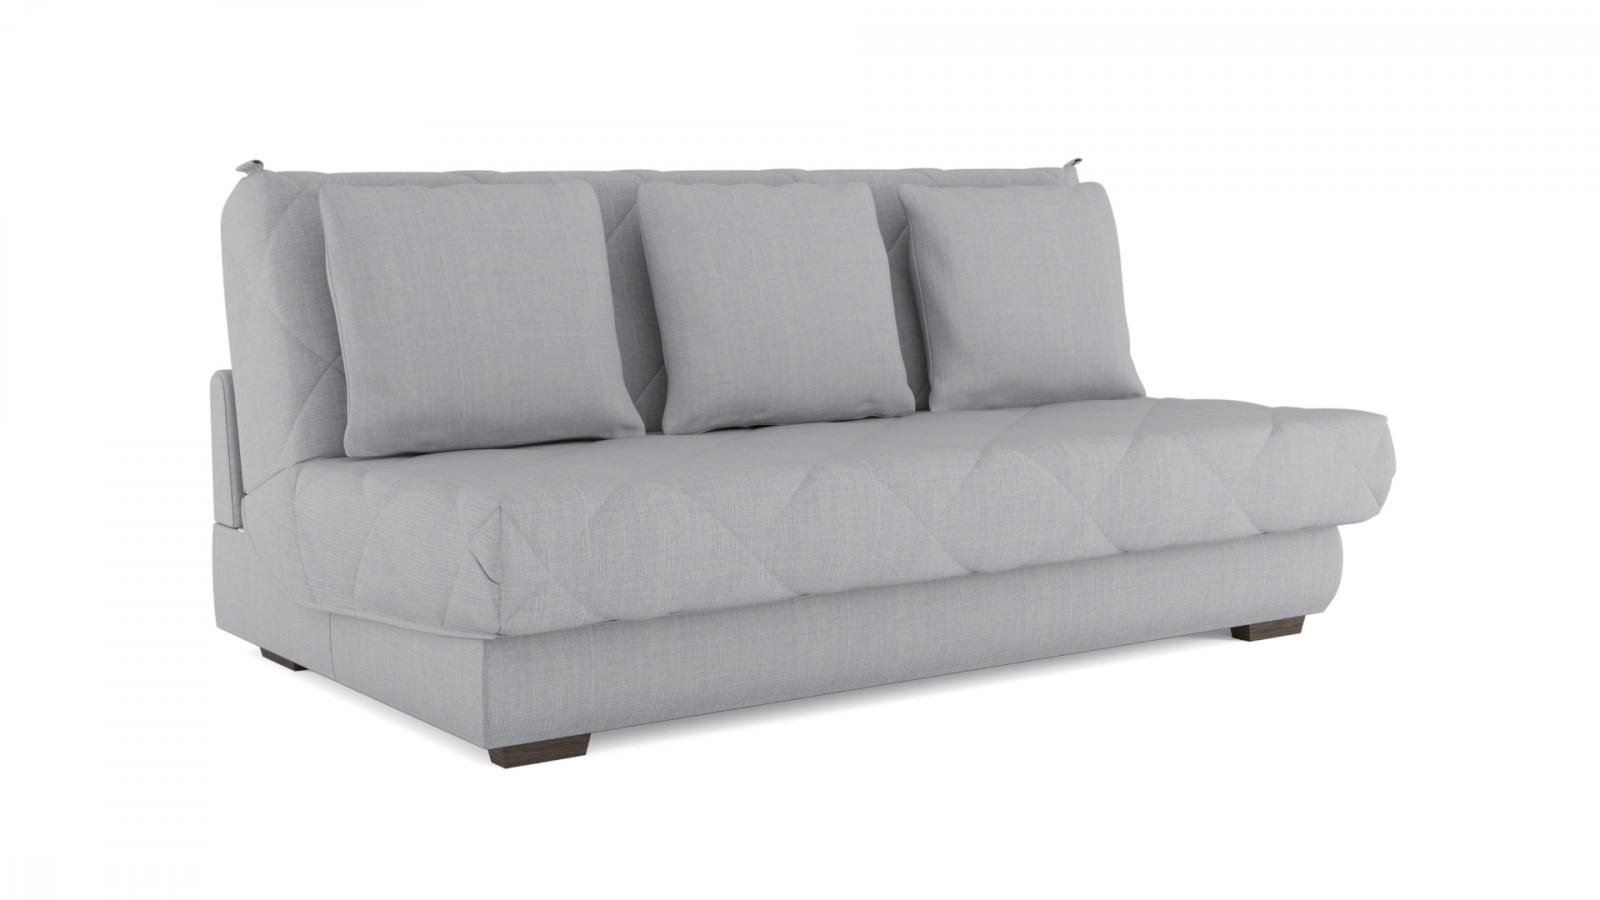 картинка Прямой диван  VEGA Iris 511 от магазина Одежда+